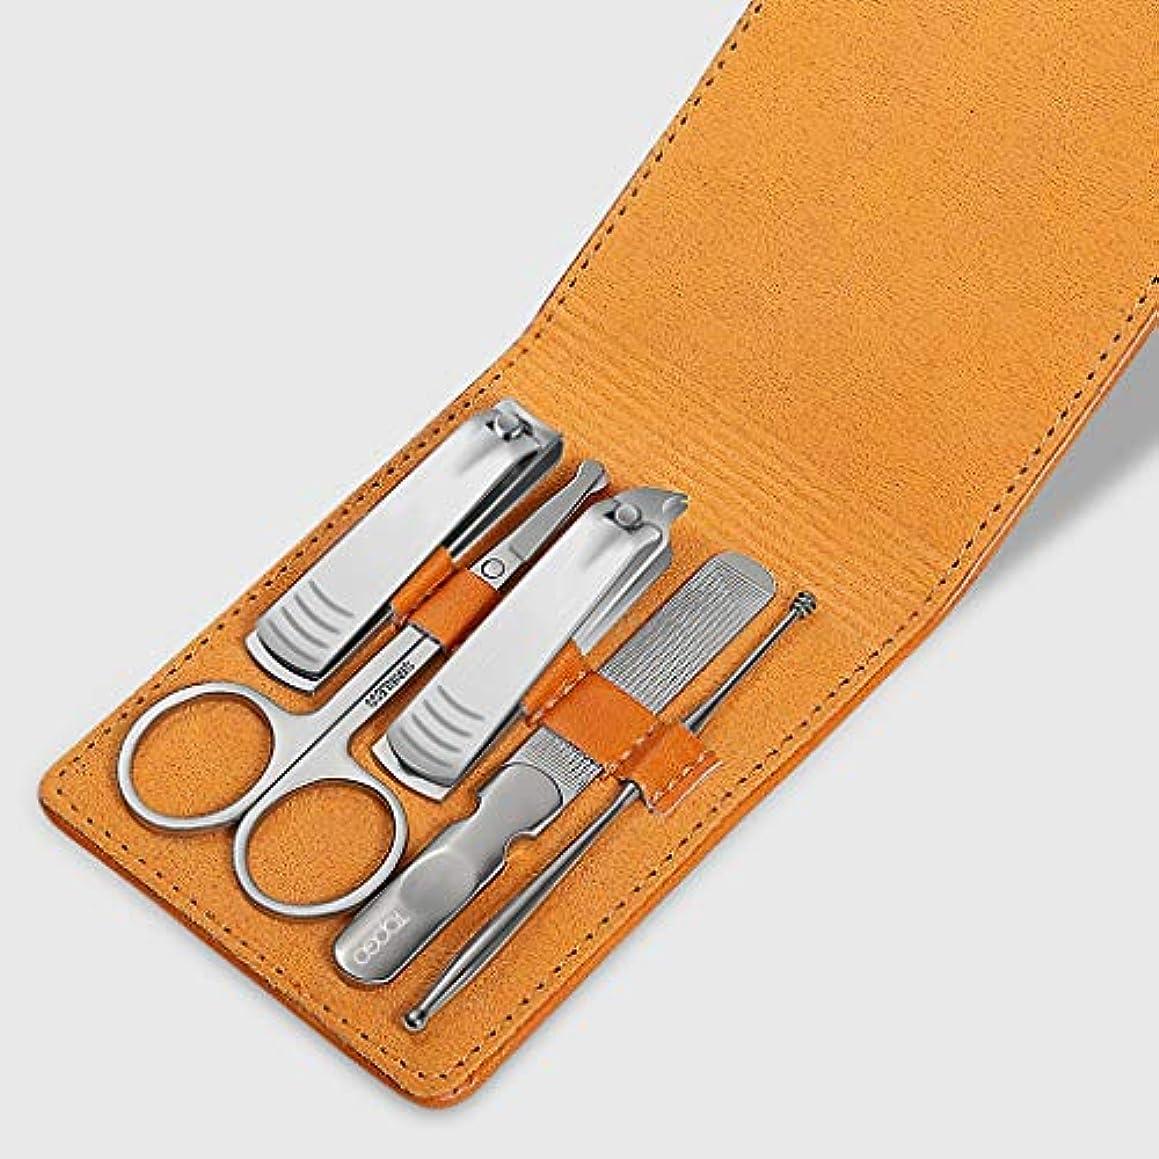 絶対に震える染料5のマニキュアセット、ステンレス鋼の爪切り、大人の手入れの行き届いた爪、マニキュア、パーソナルケア、小さくて便利、出張に使用することができます。,Silver